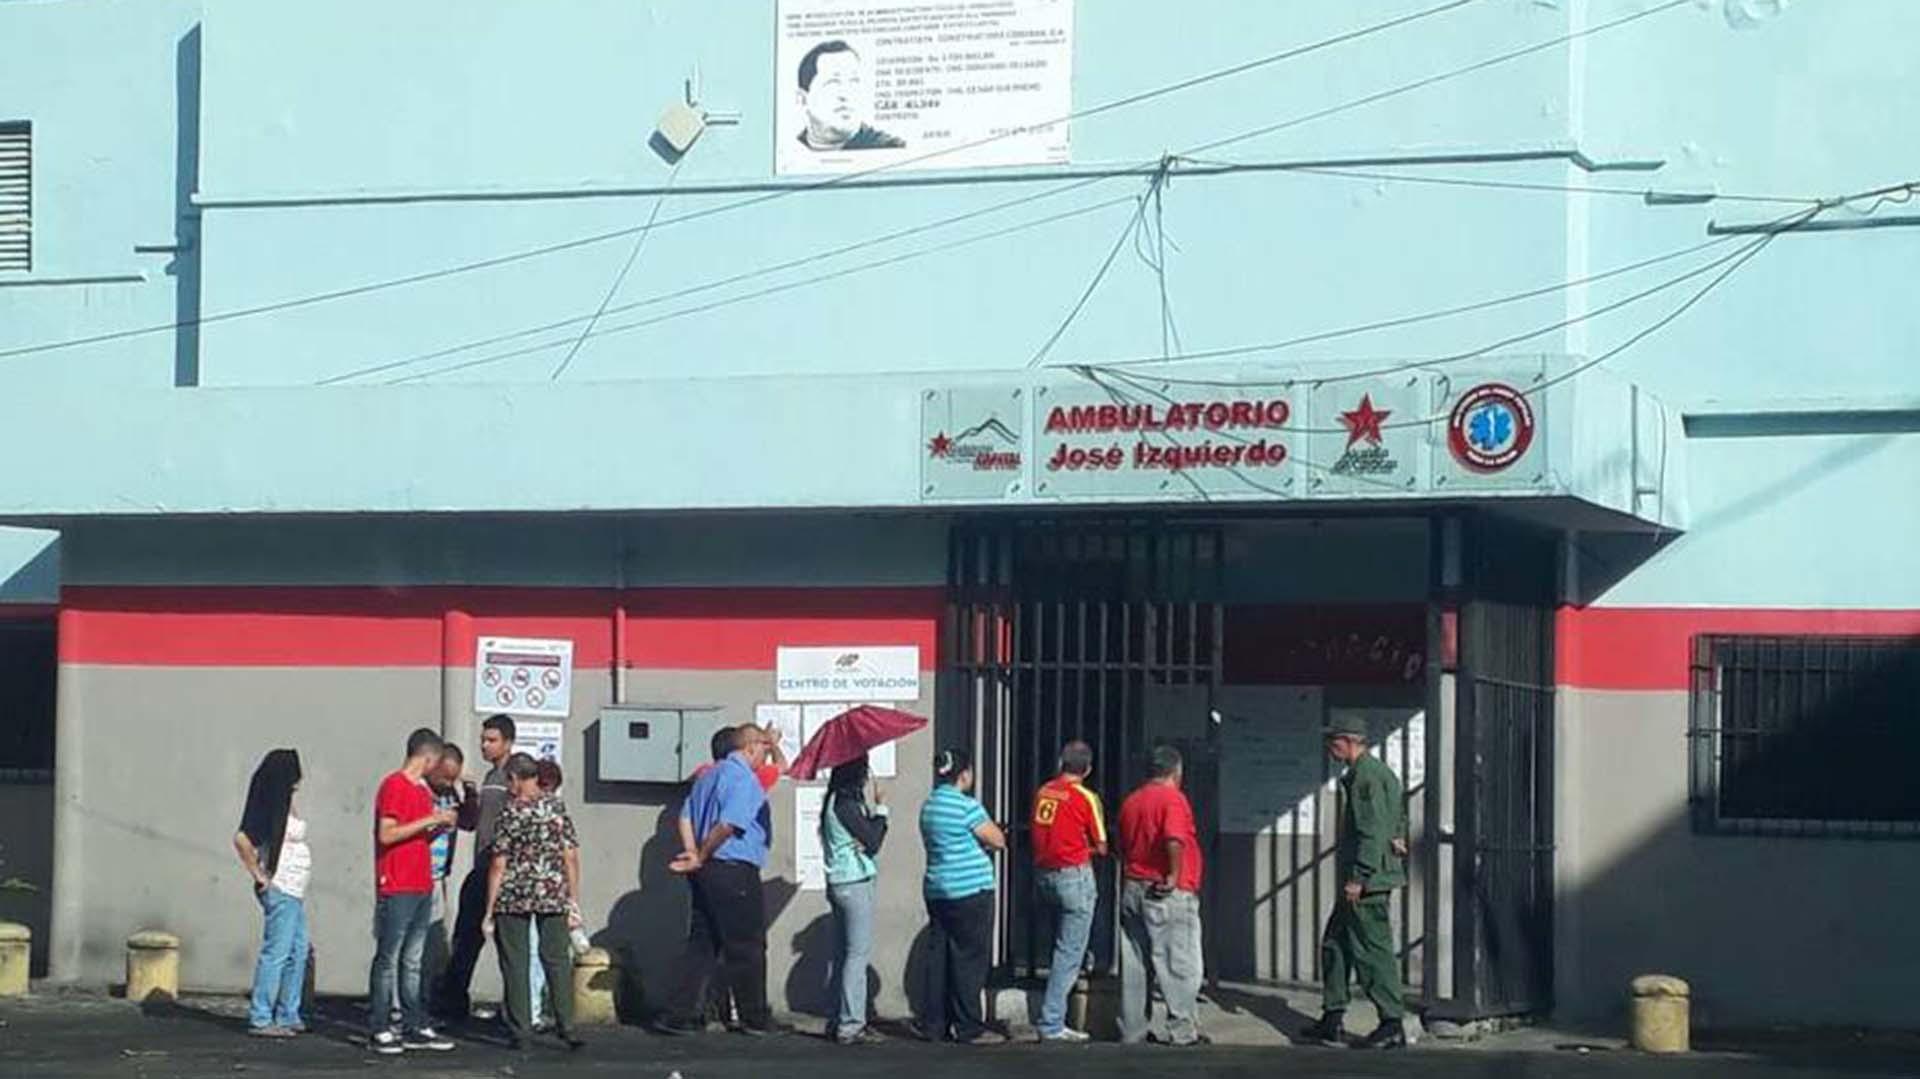 Un retrato de Chávez no lograr atraer a más gente a votar en La Pastora el domingo (El Nacional)